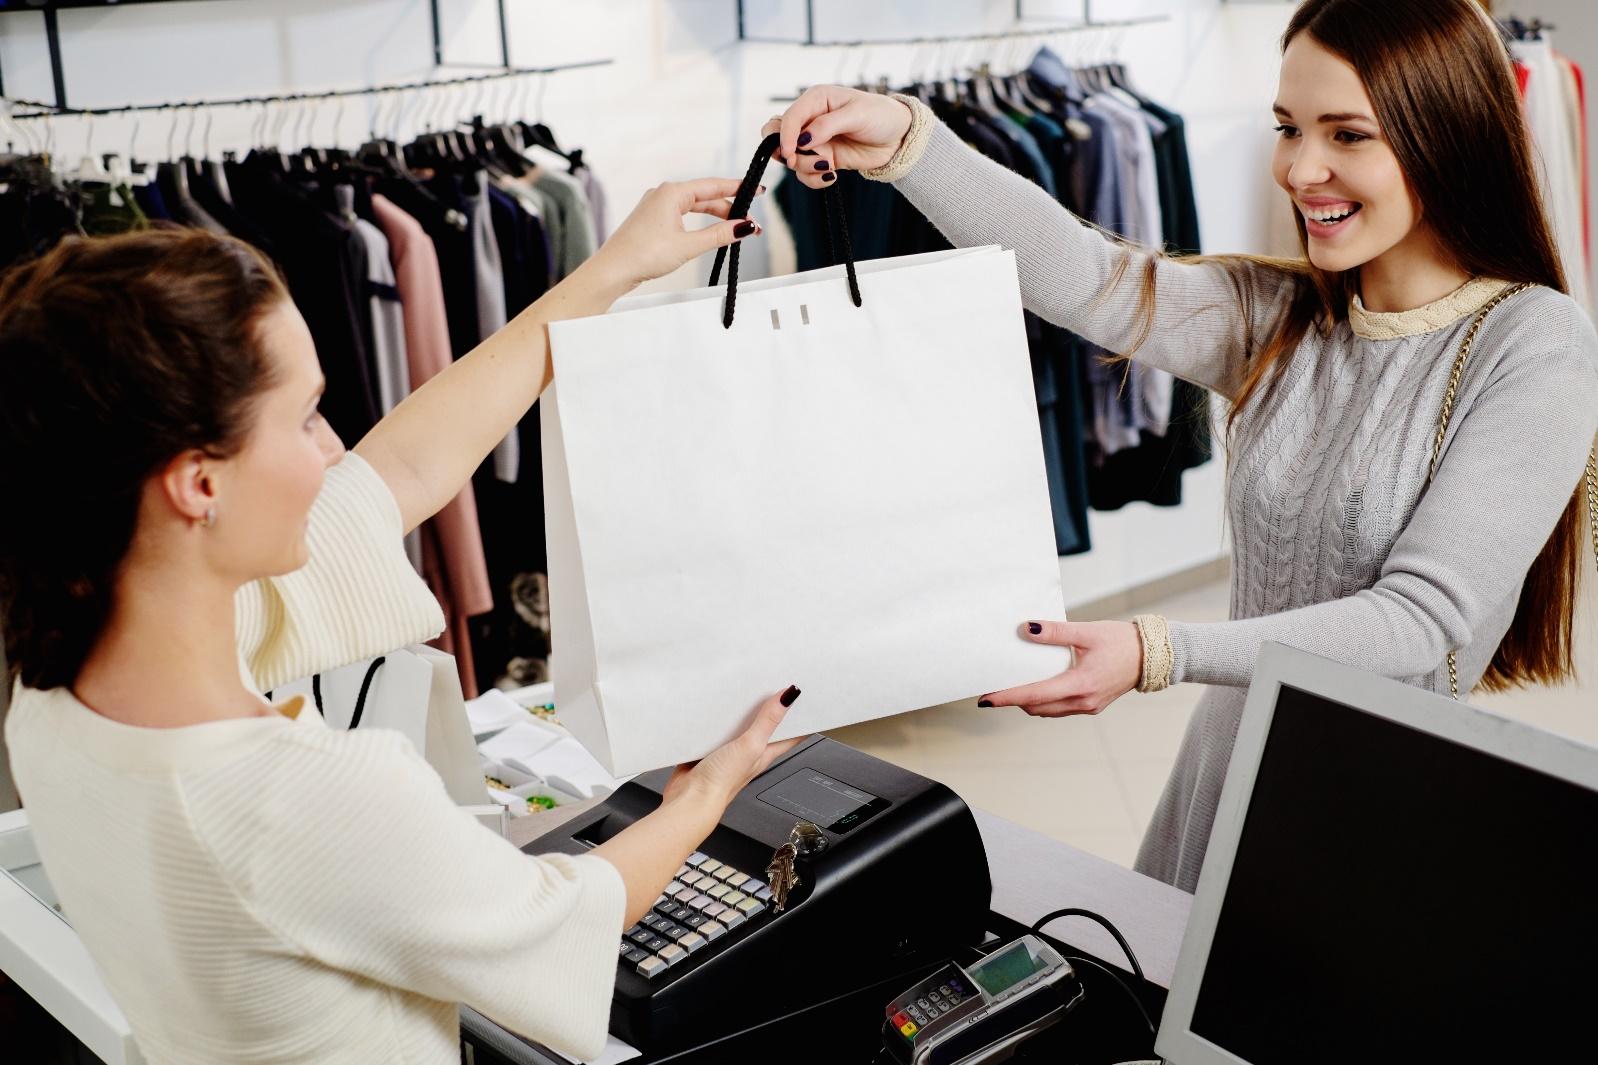 【アパレル経験者にアンケート】アパレル店員なら1度は通る!?売れないスランプを克服するためのアドバイス